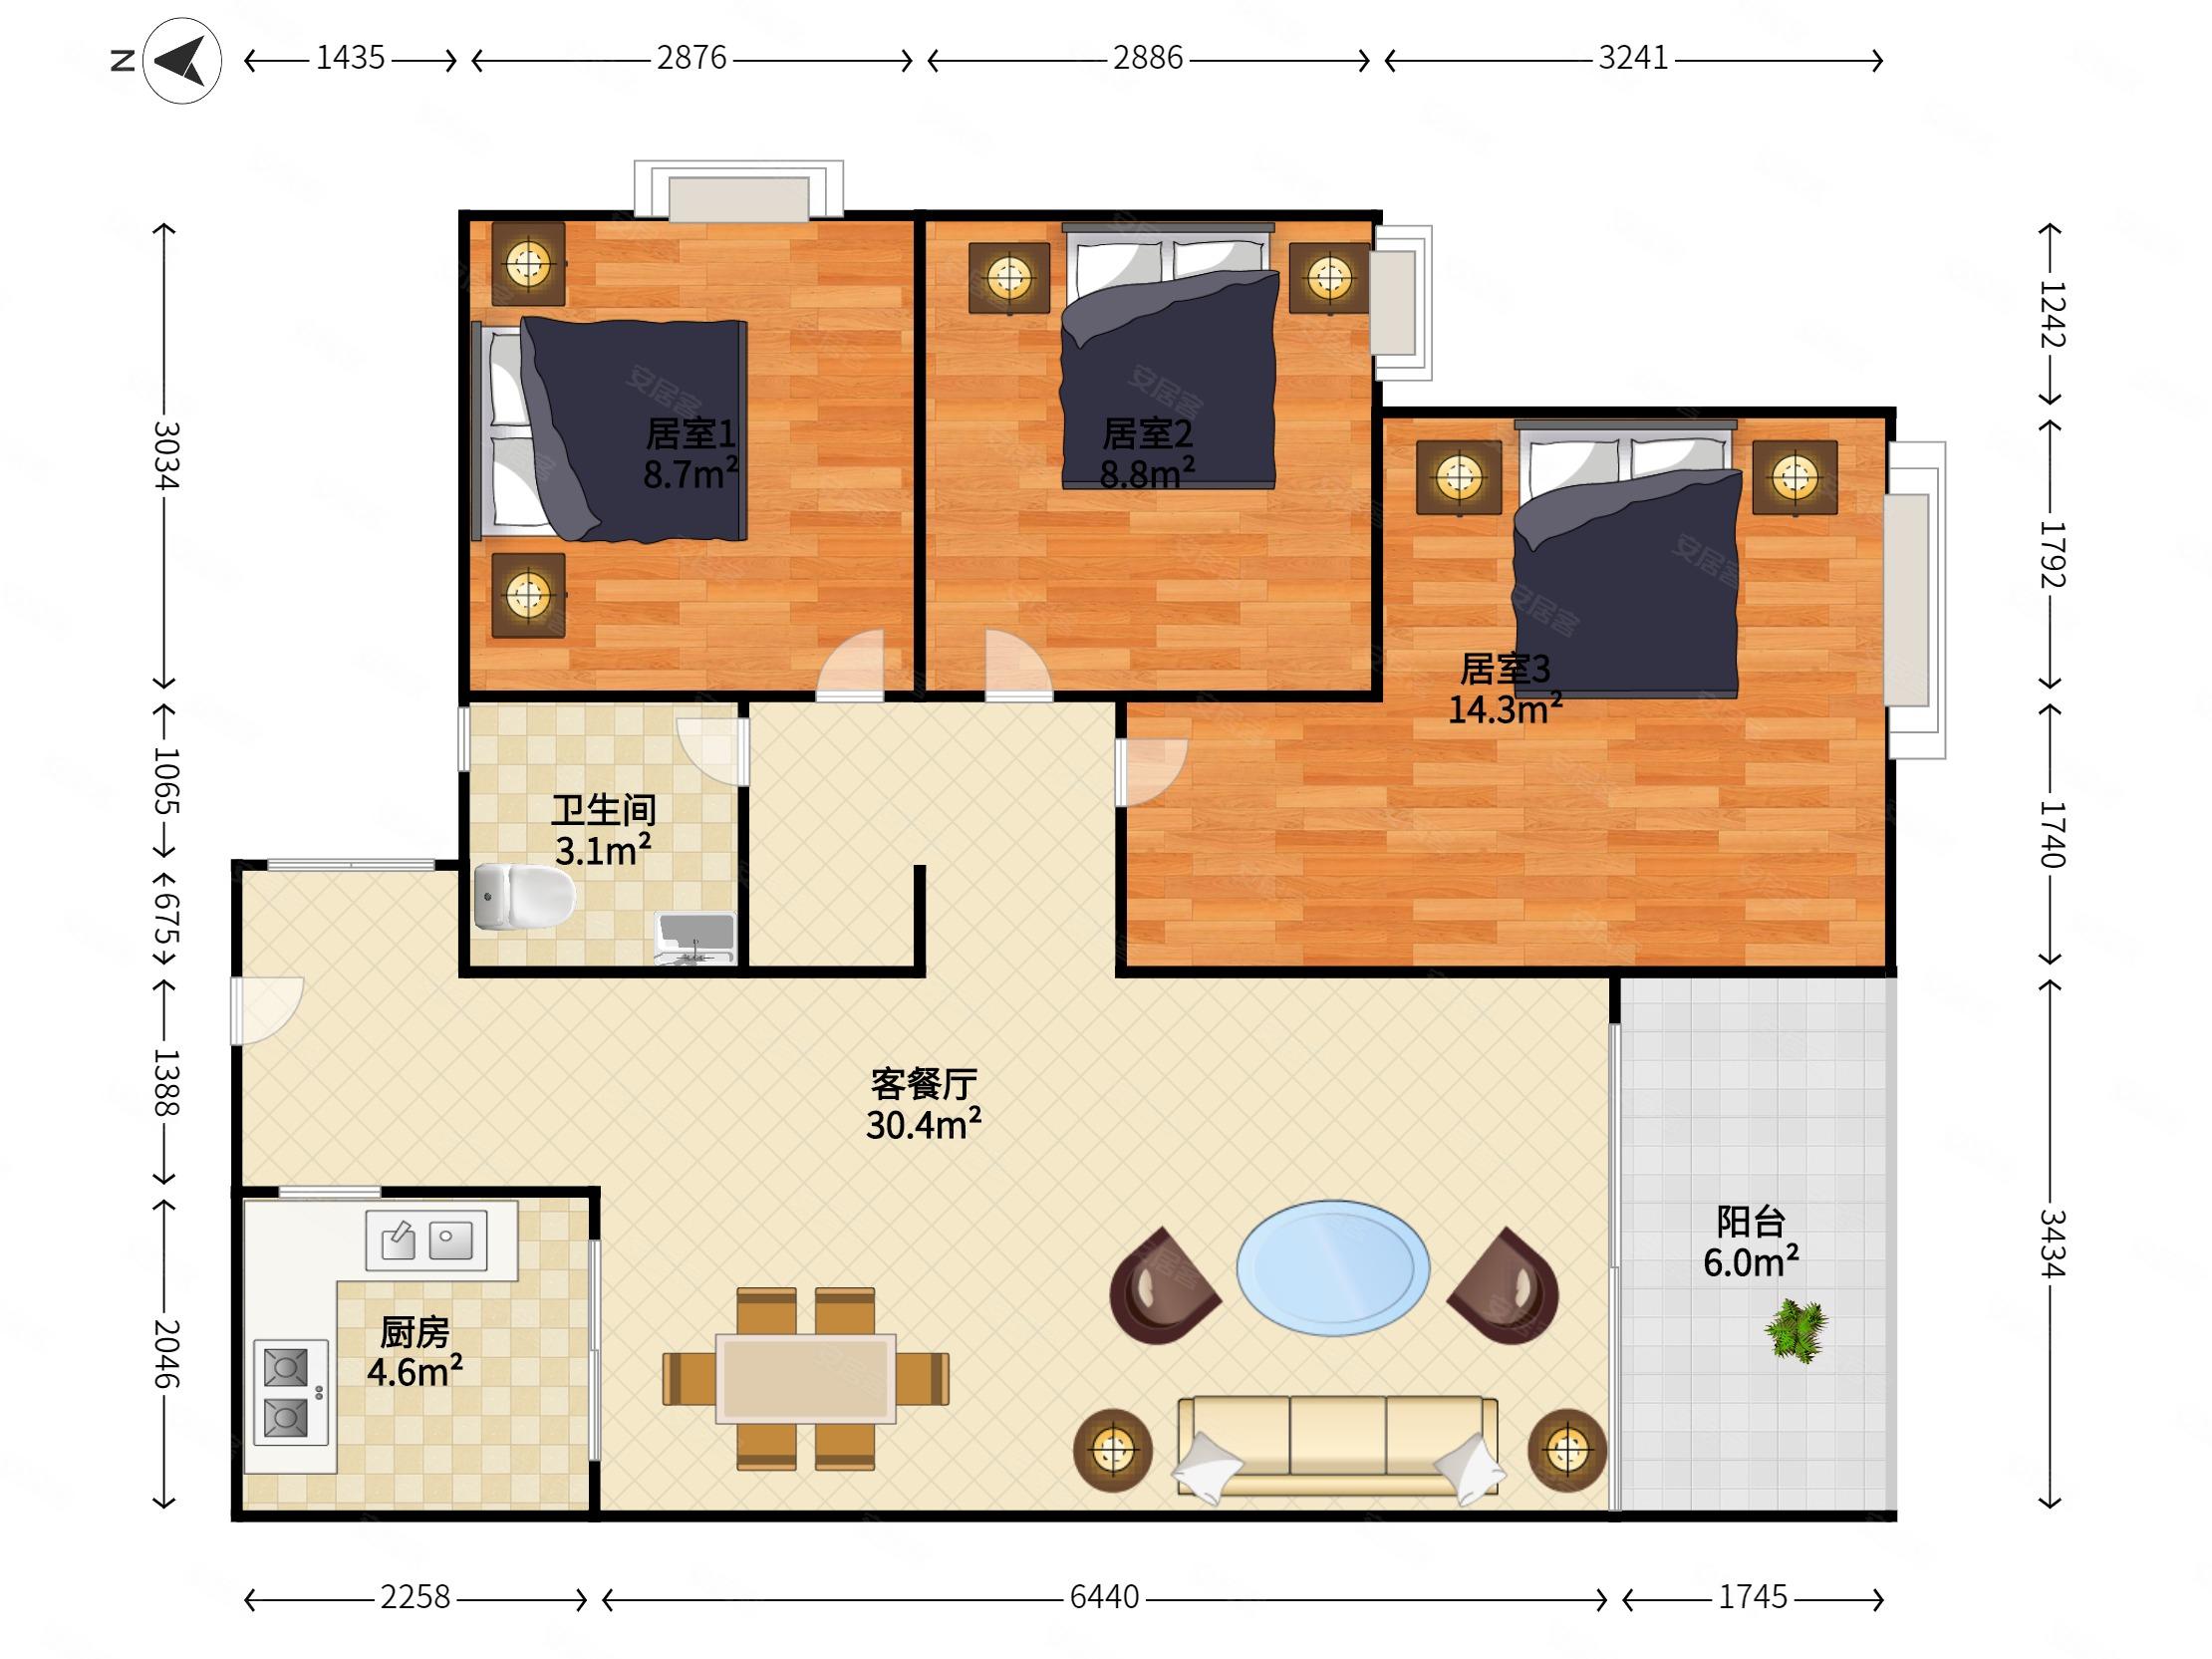 錦繡東方3室2廳1衛92.42㎡南85萬